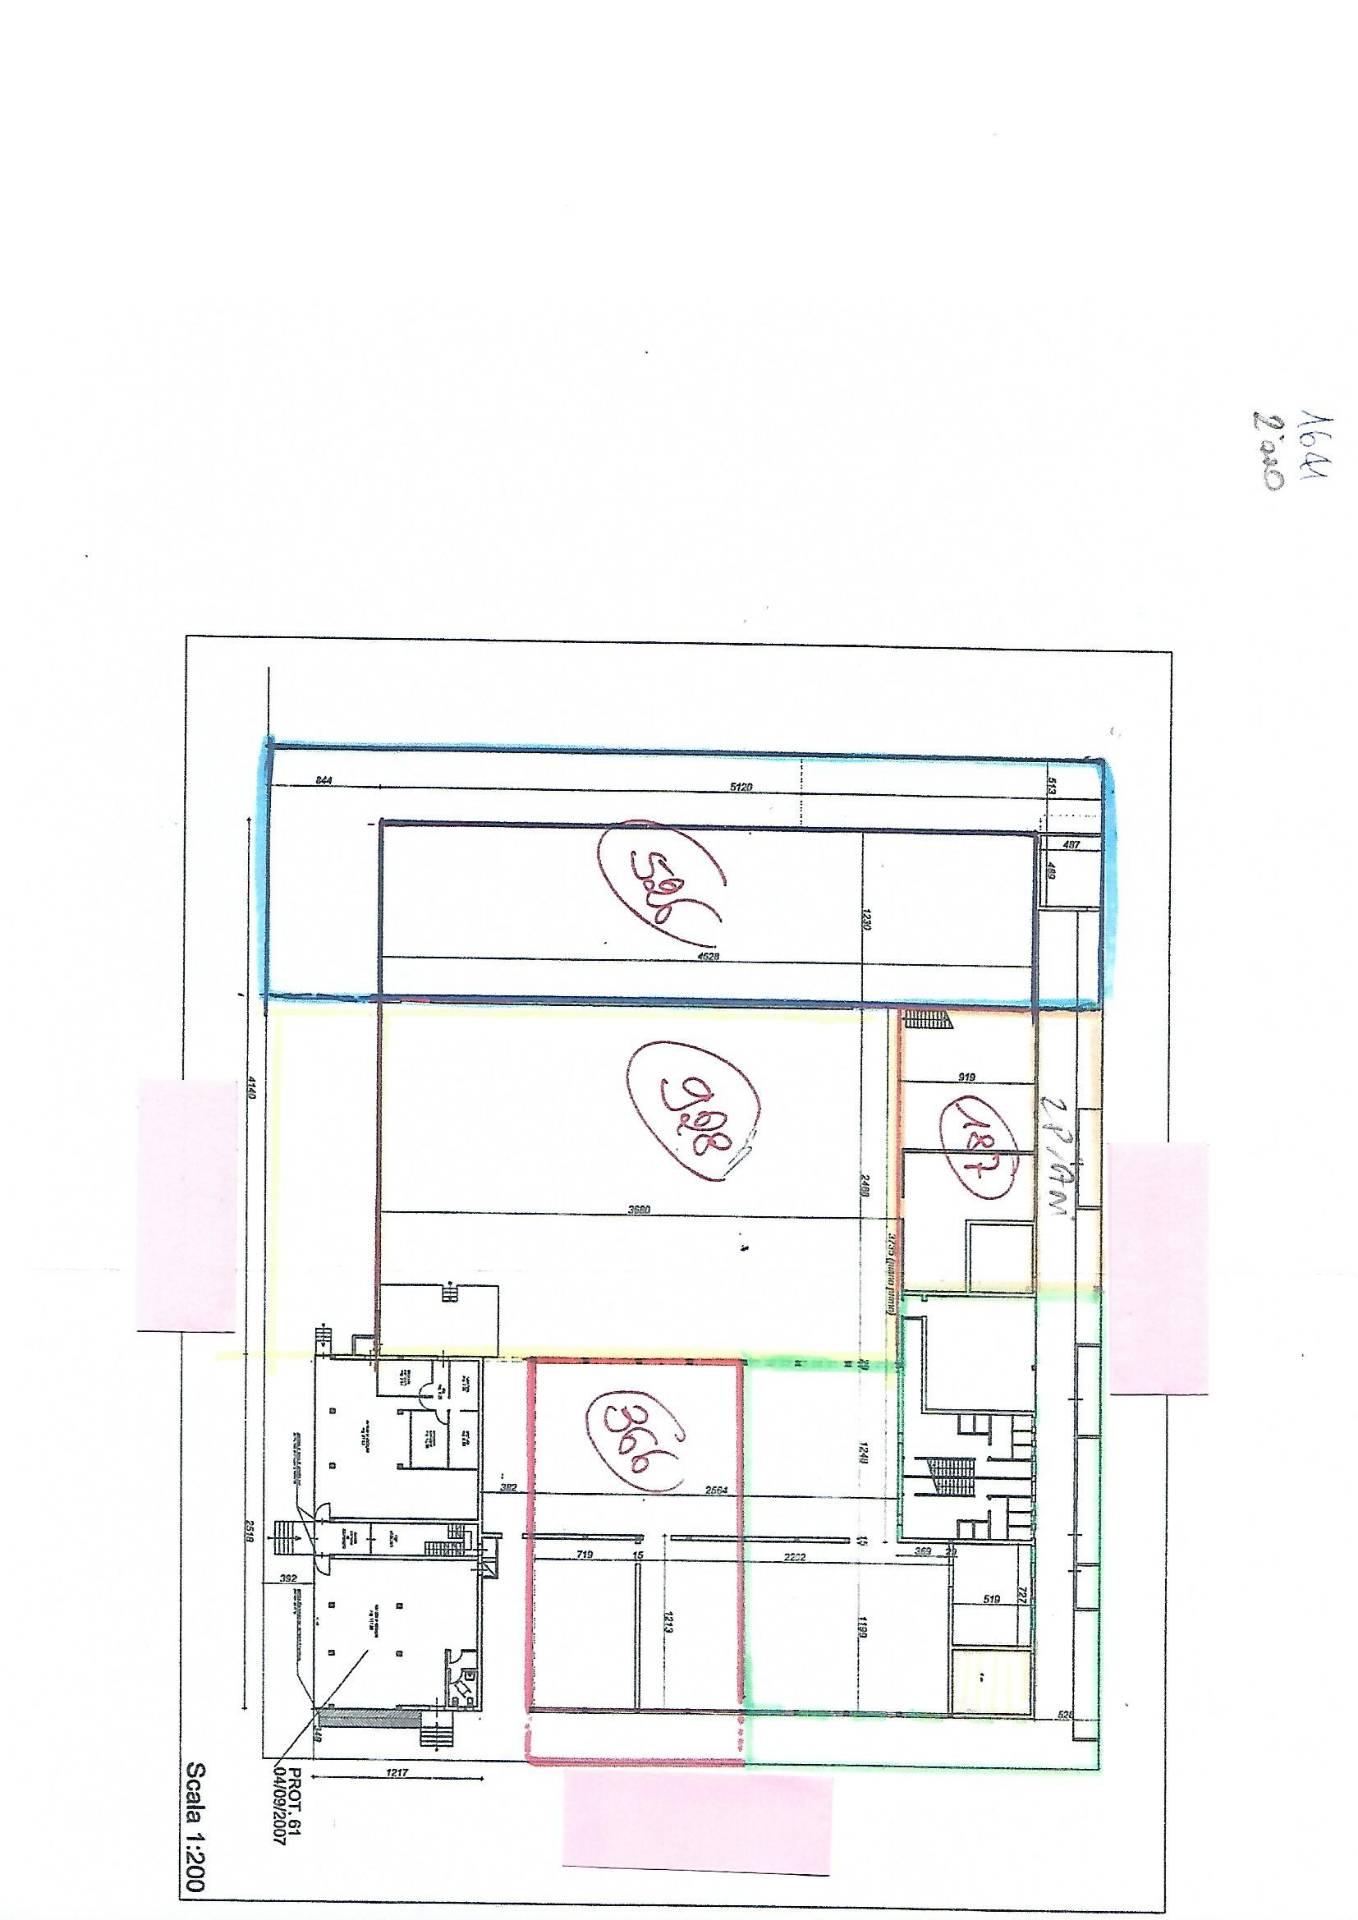 Capannone in vendita a Faenza, 9999 locali, prezzo € 650.000 | CambioCasa.it